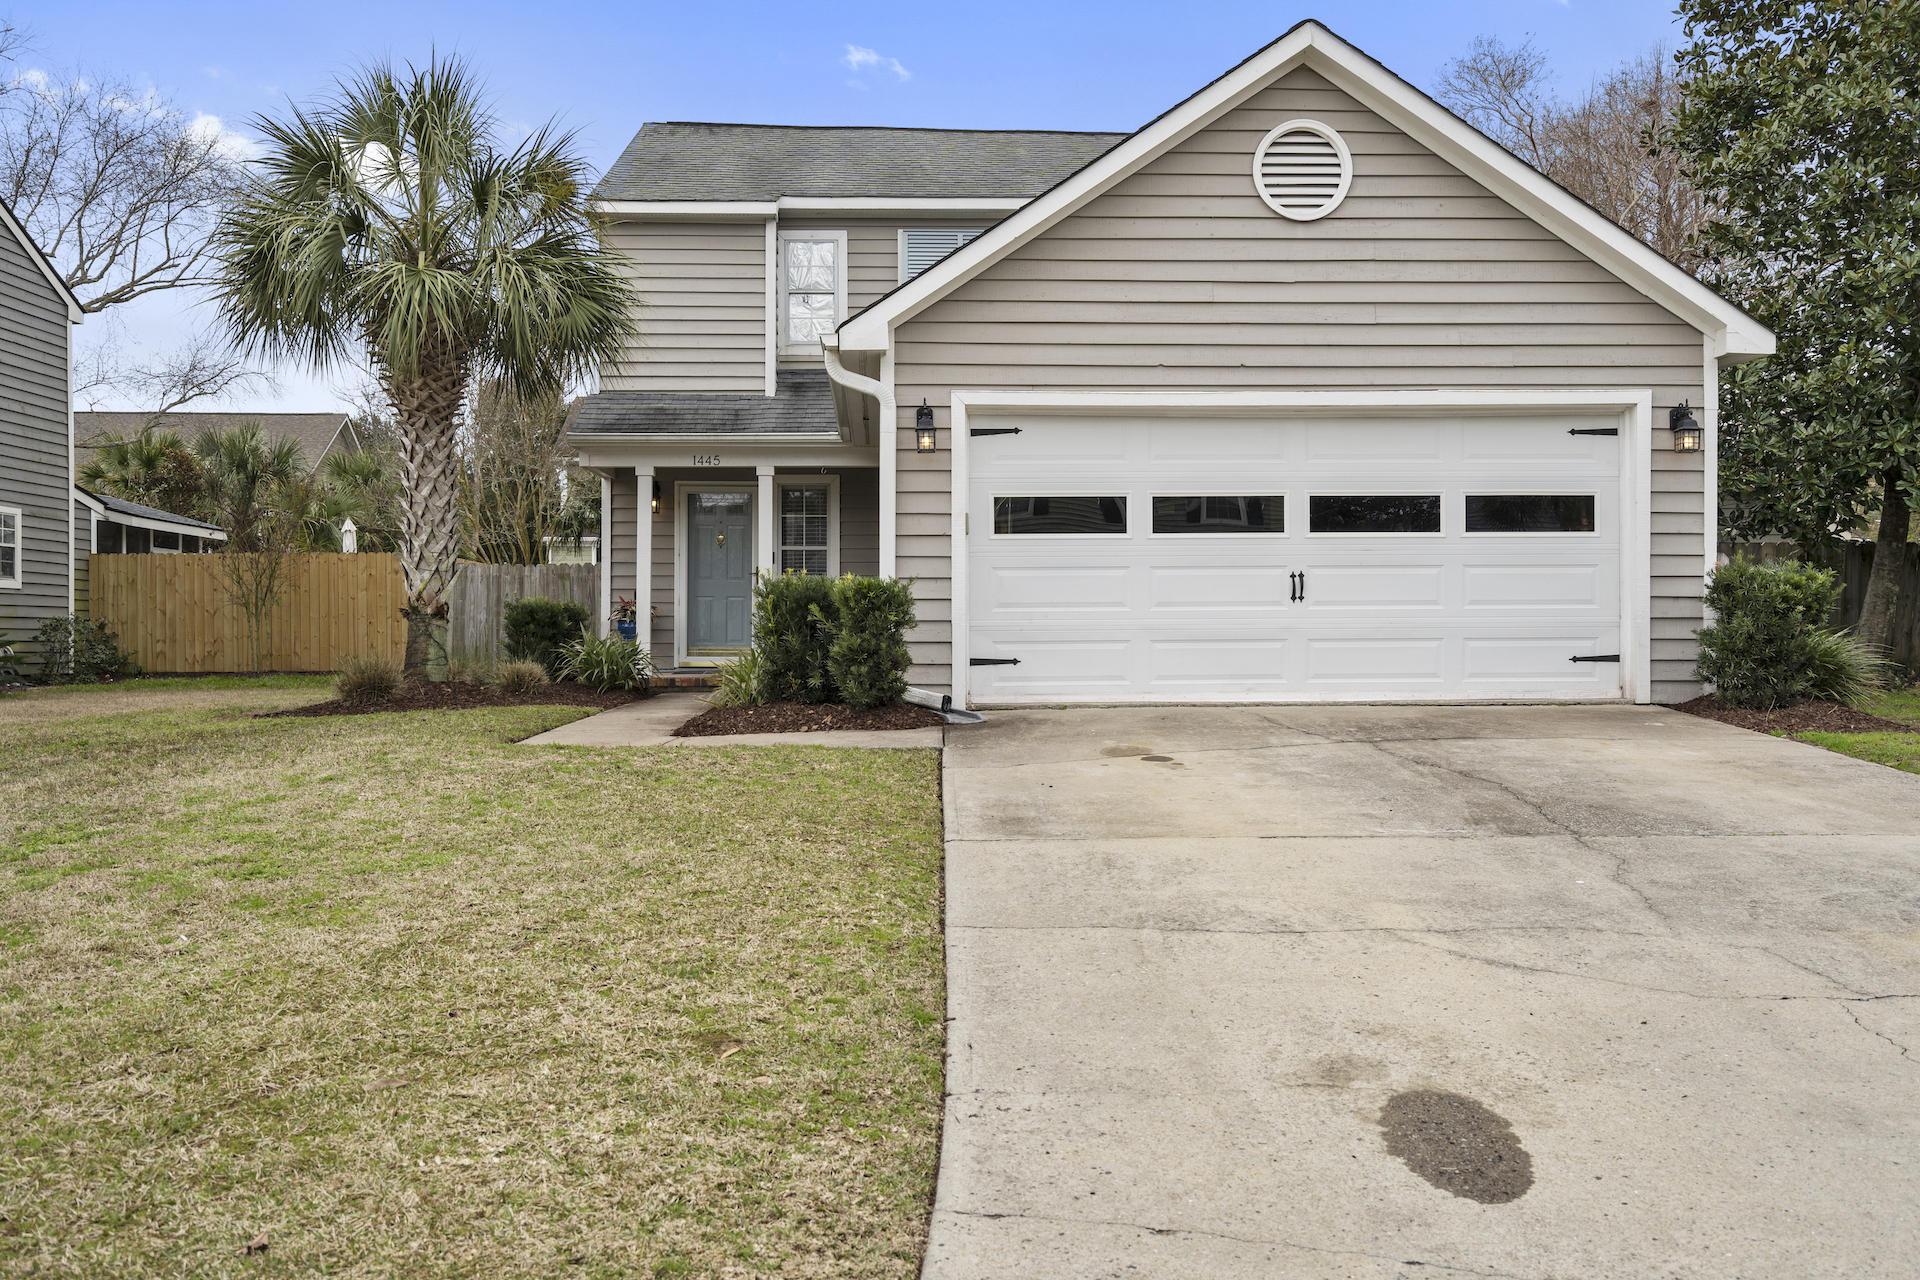 Oakhaven Plantation Homes For Sale - 1445 Oaklanding, Mount Pleasant, SC - 1